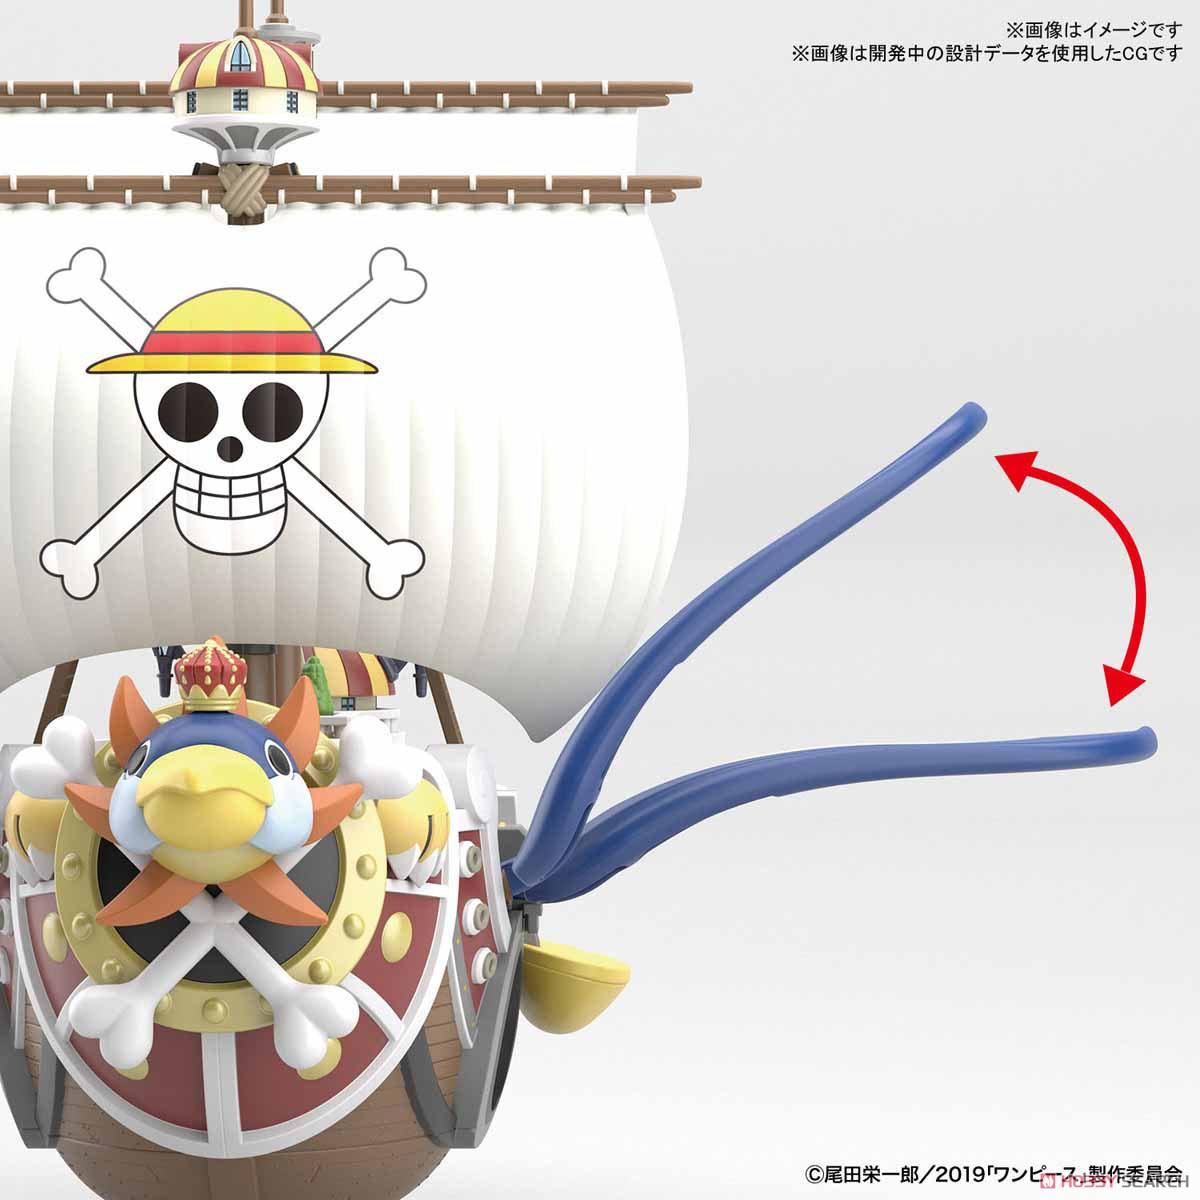 偉大なる船コレクション『サウザンド・サニー号 フライングモデル』ワンピース プラモデル-006